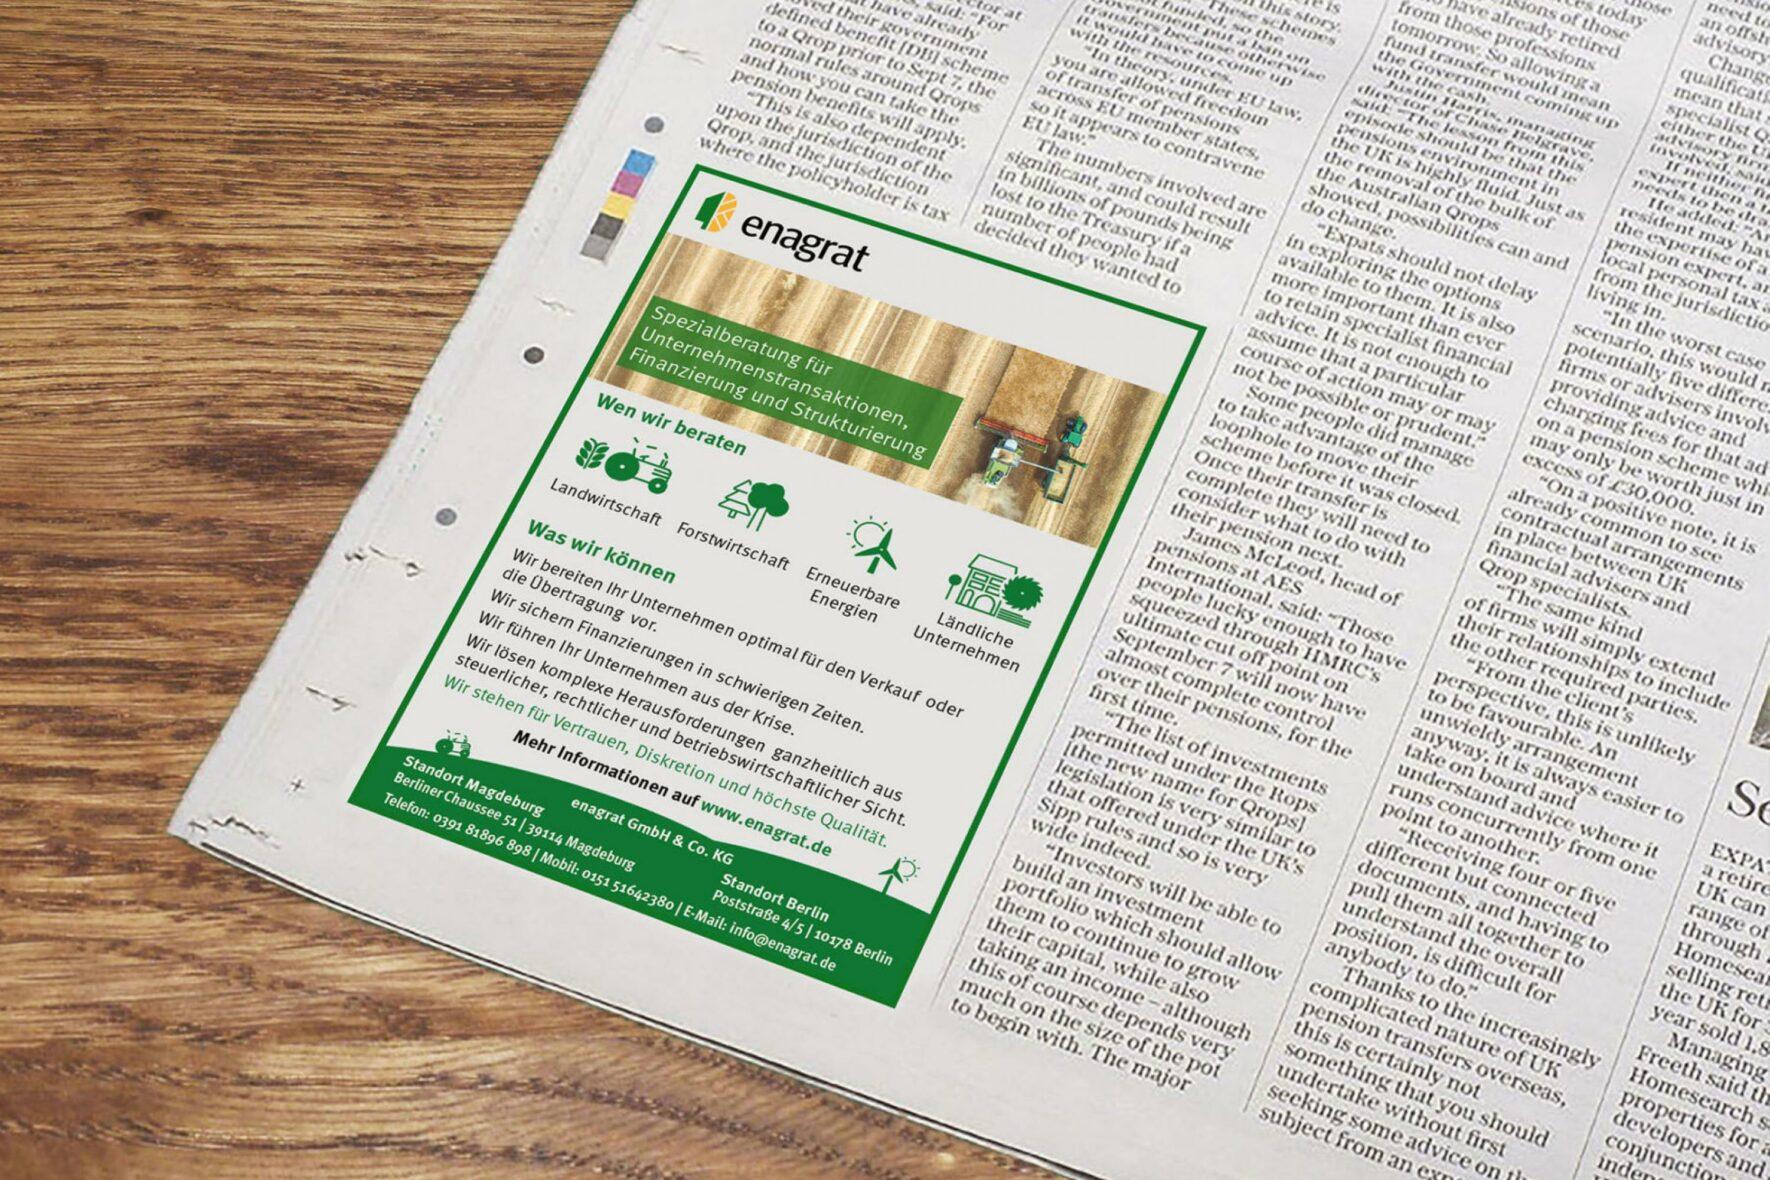 Branding-Beratungsunternehmen-fuer-Land-und-Forstwirtschaft-Zeitungsanzeige-1808x1356